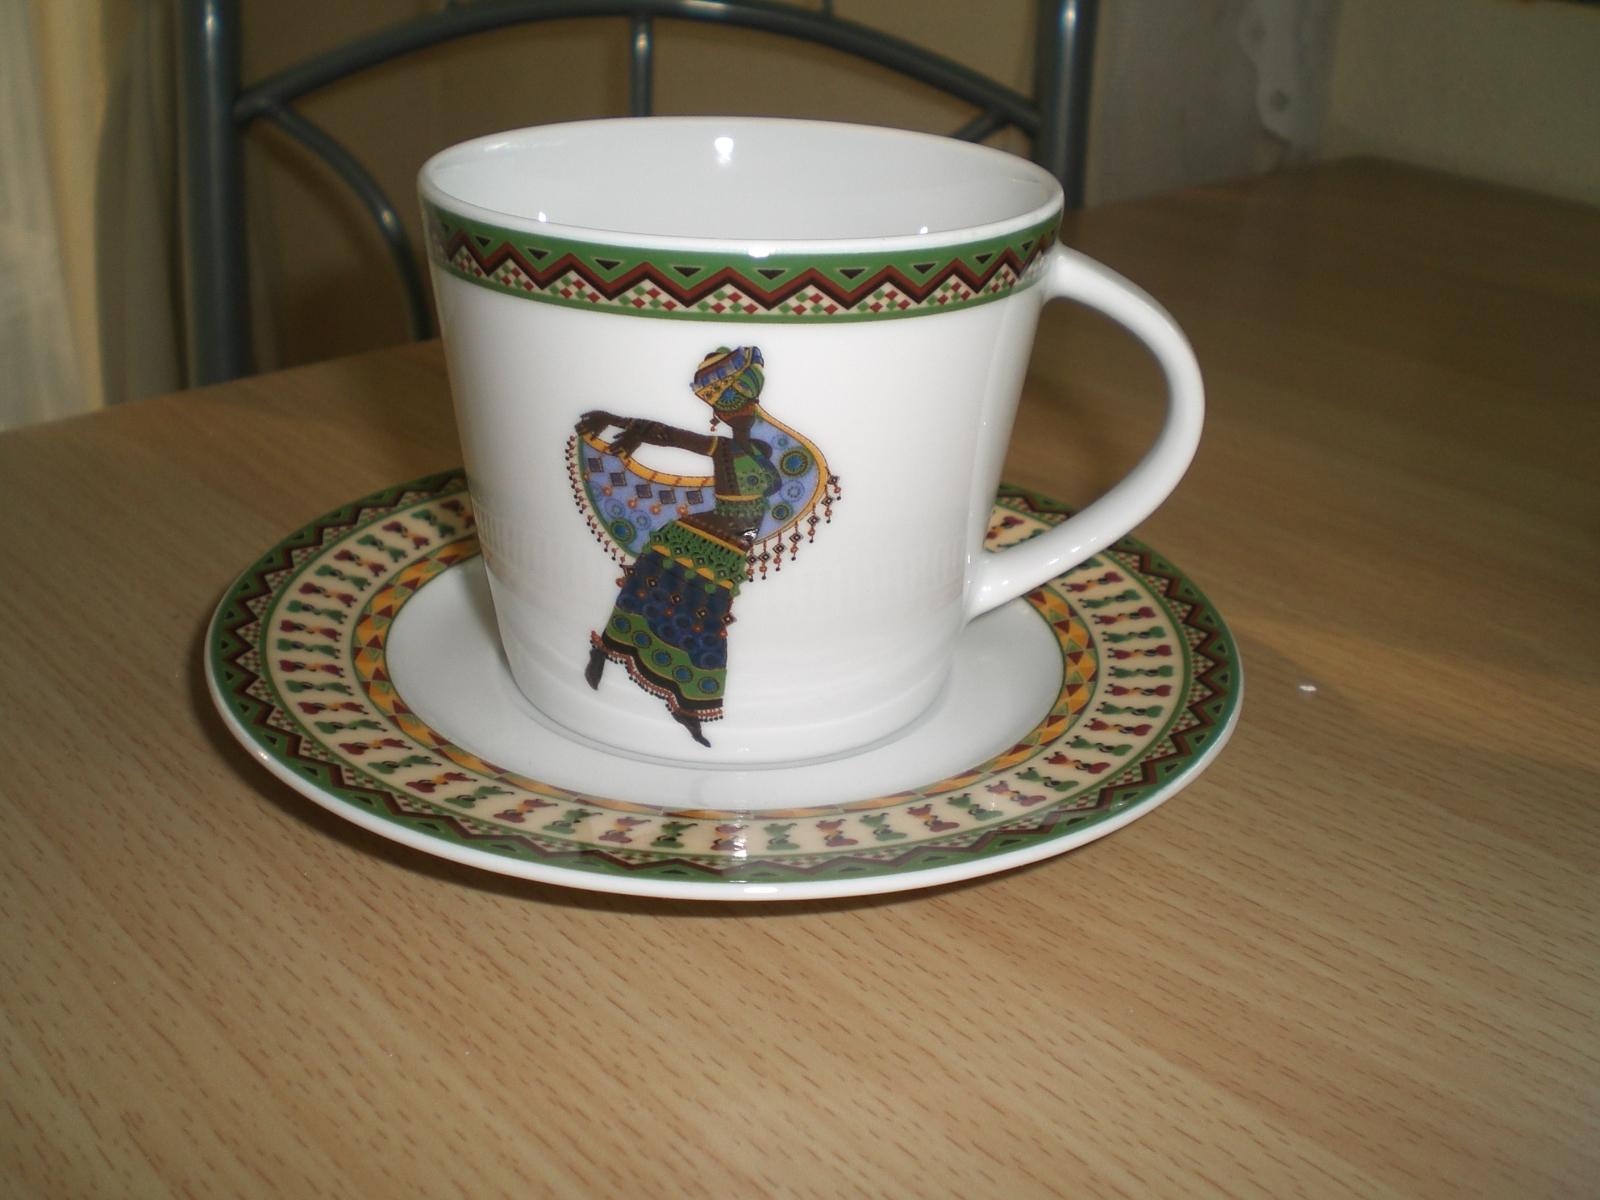 Tassen South Africa : Meine produkt test kiste porzellan in kasva africa style